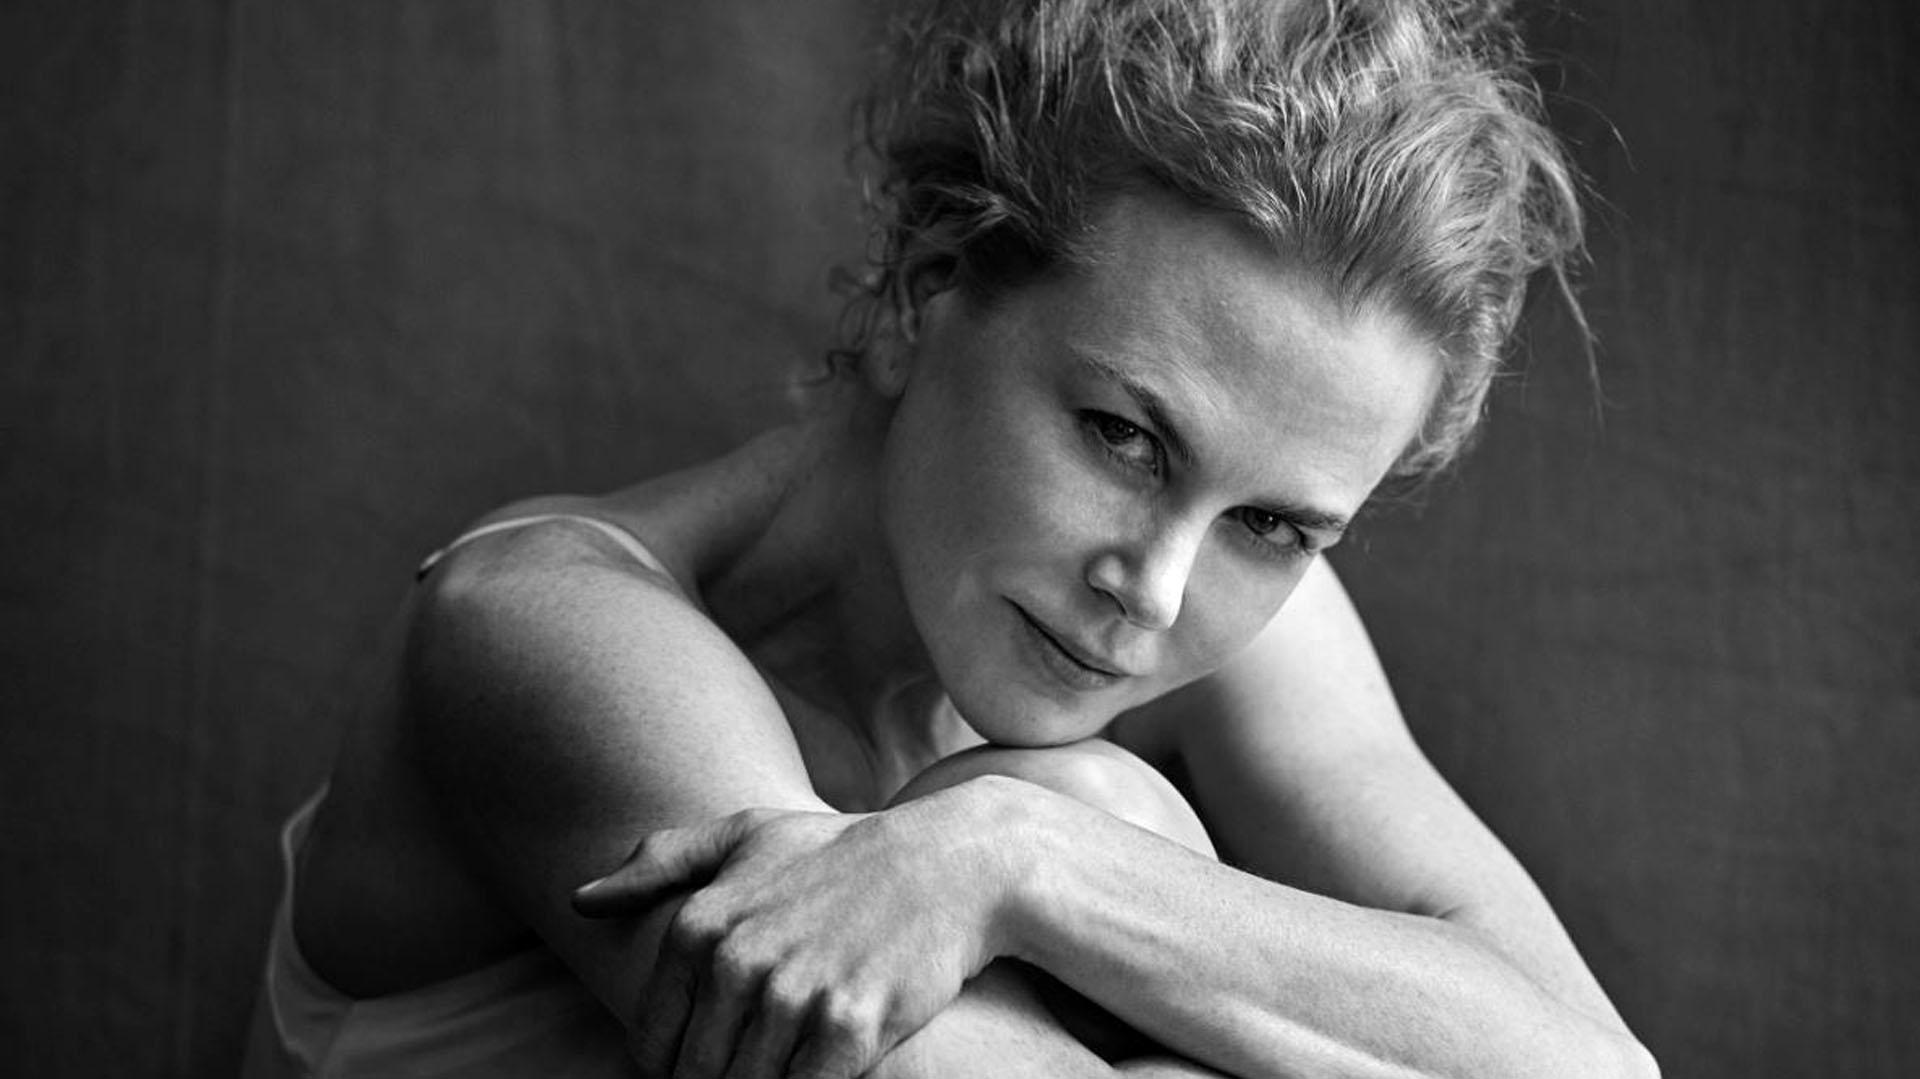 Nicole Kidman en la nueva edición del mítico calendario, que en su versión 2017 también reúne a celebridades como Alicia Vikander, Kate Winslet, Julianne Moore, Penélope Cruz, Charlotte Rampling y Jessica Chastain, entre otras grandes estrellas